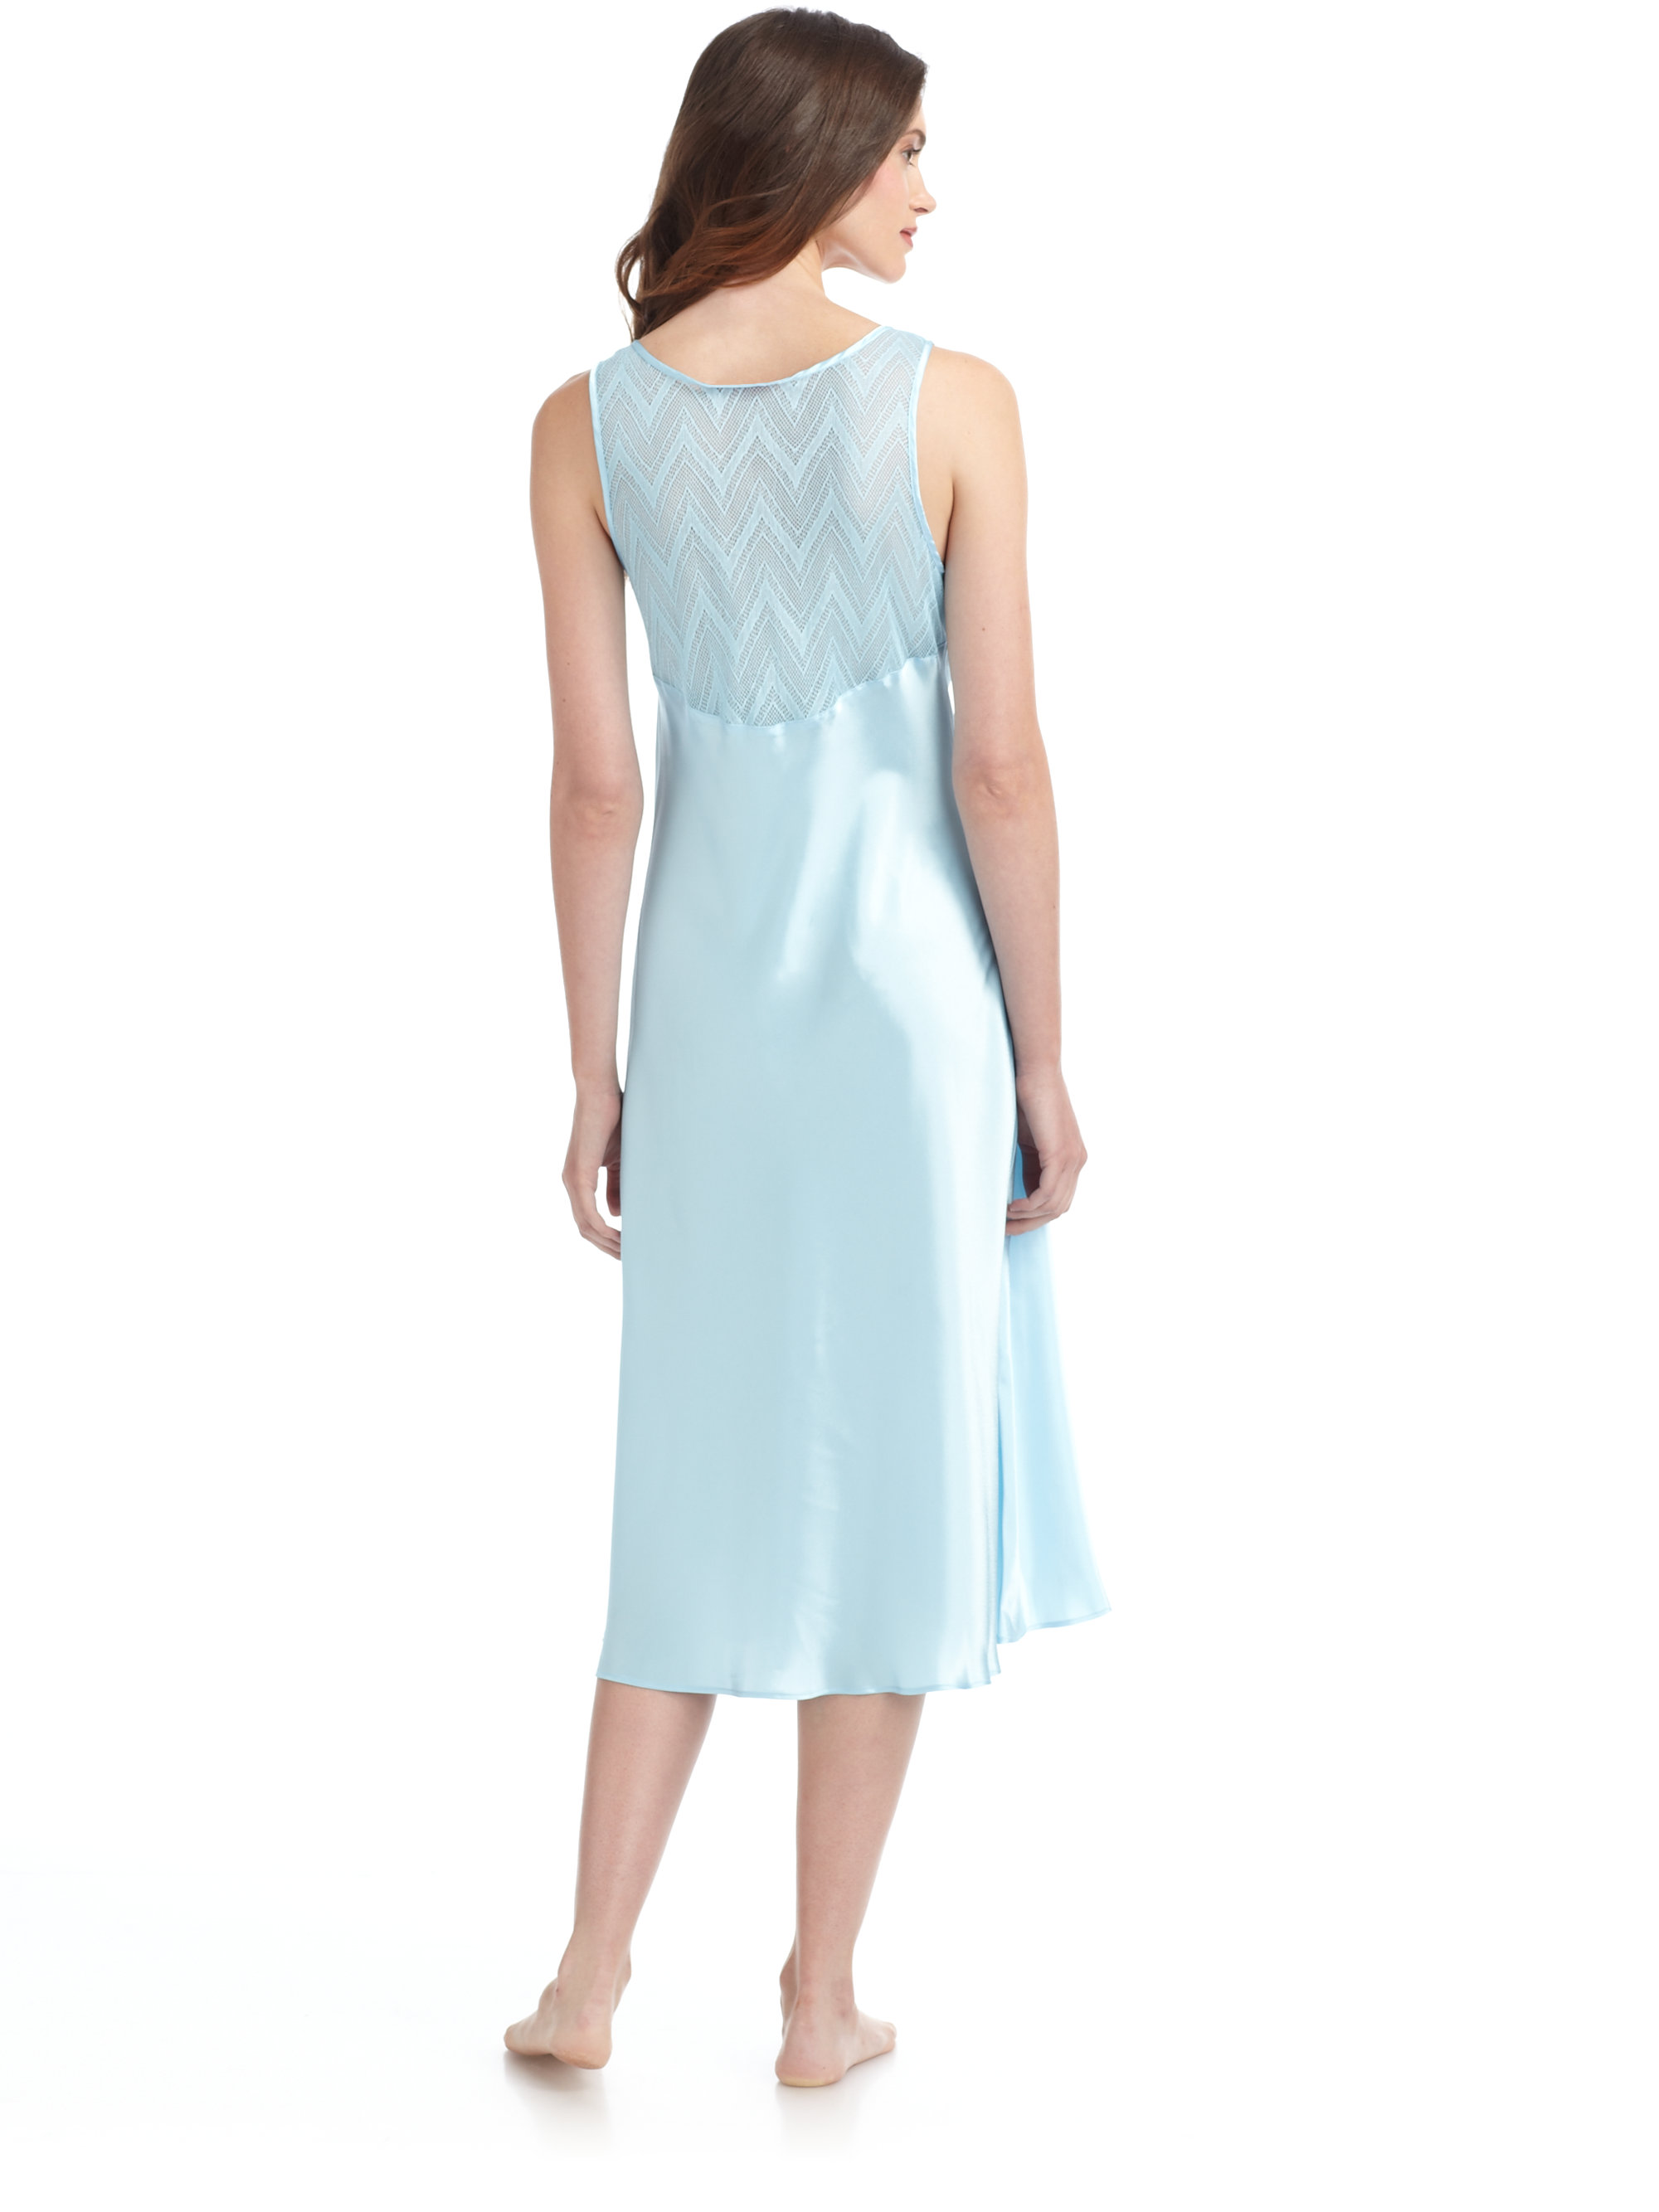 Lyst - Oscar de la Renta Breezy Morning Lace Inset Nightgown in Blue 1e8d7a44b